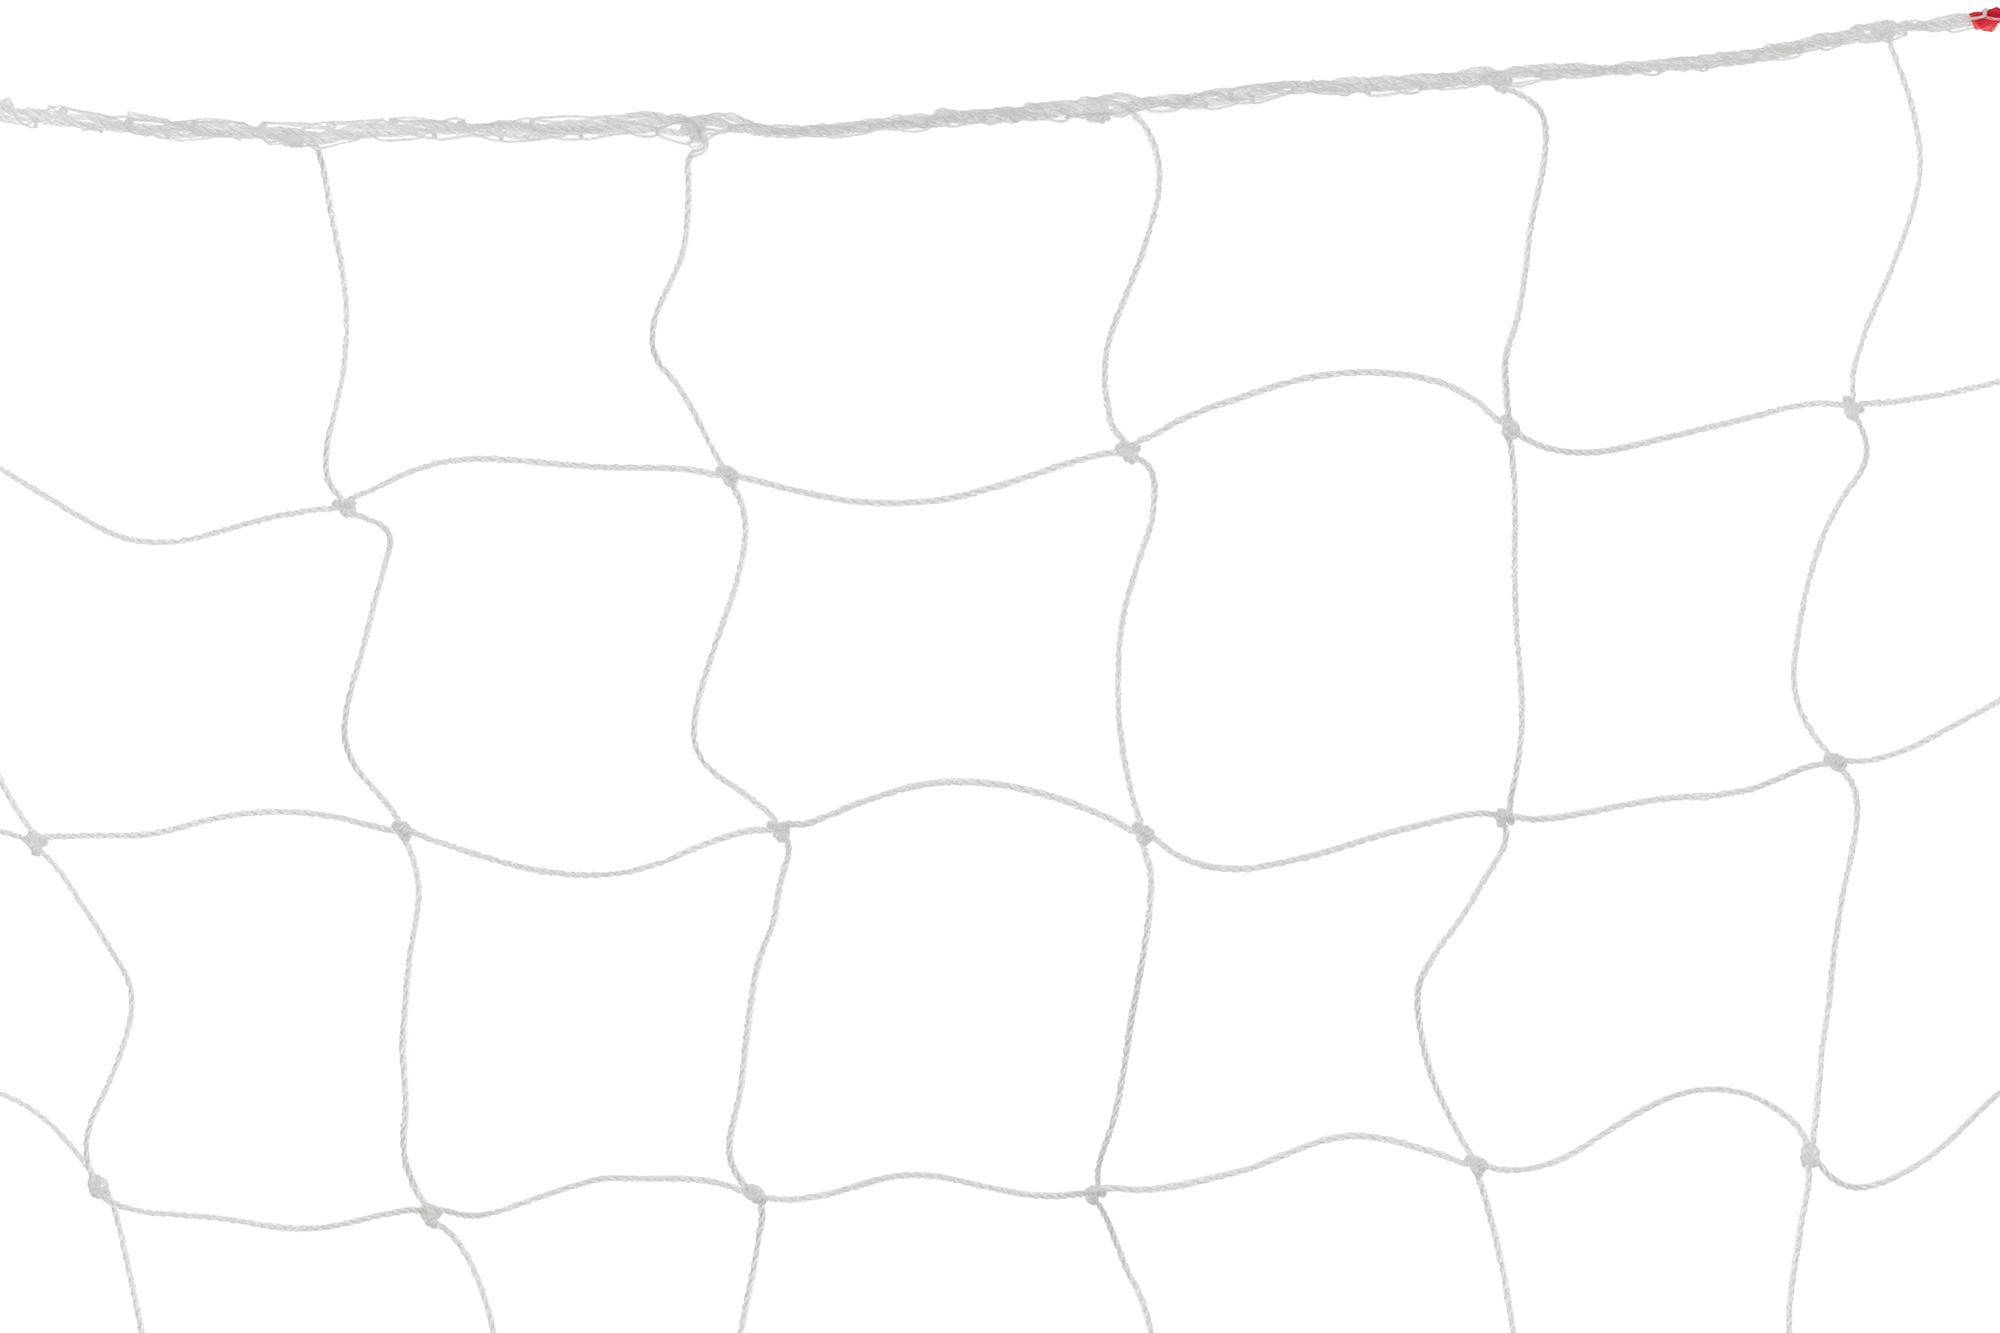 Demix Сетка для футбольных ворот Demix, 120 x 80 см цена 2017